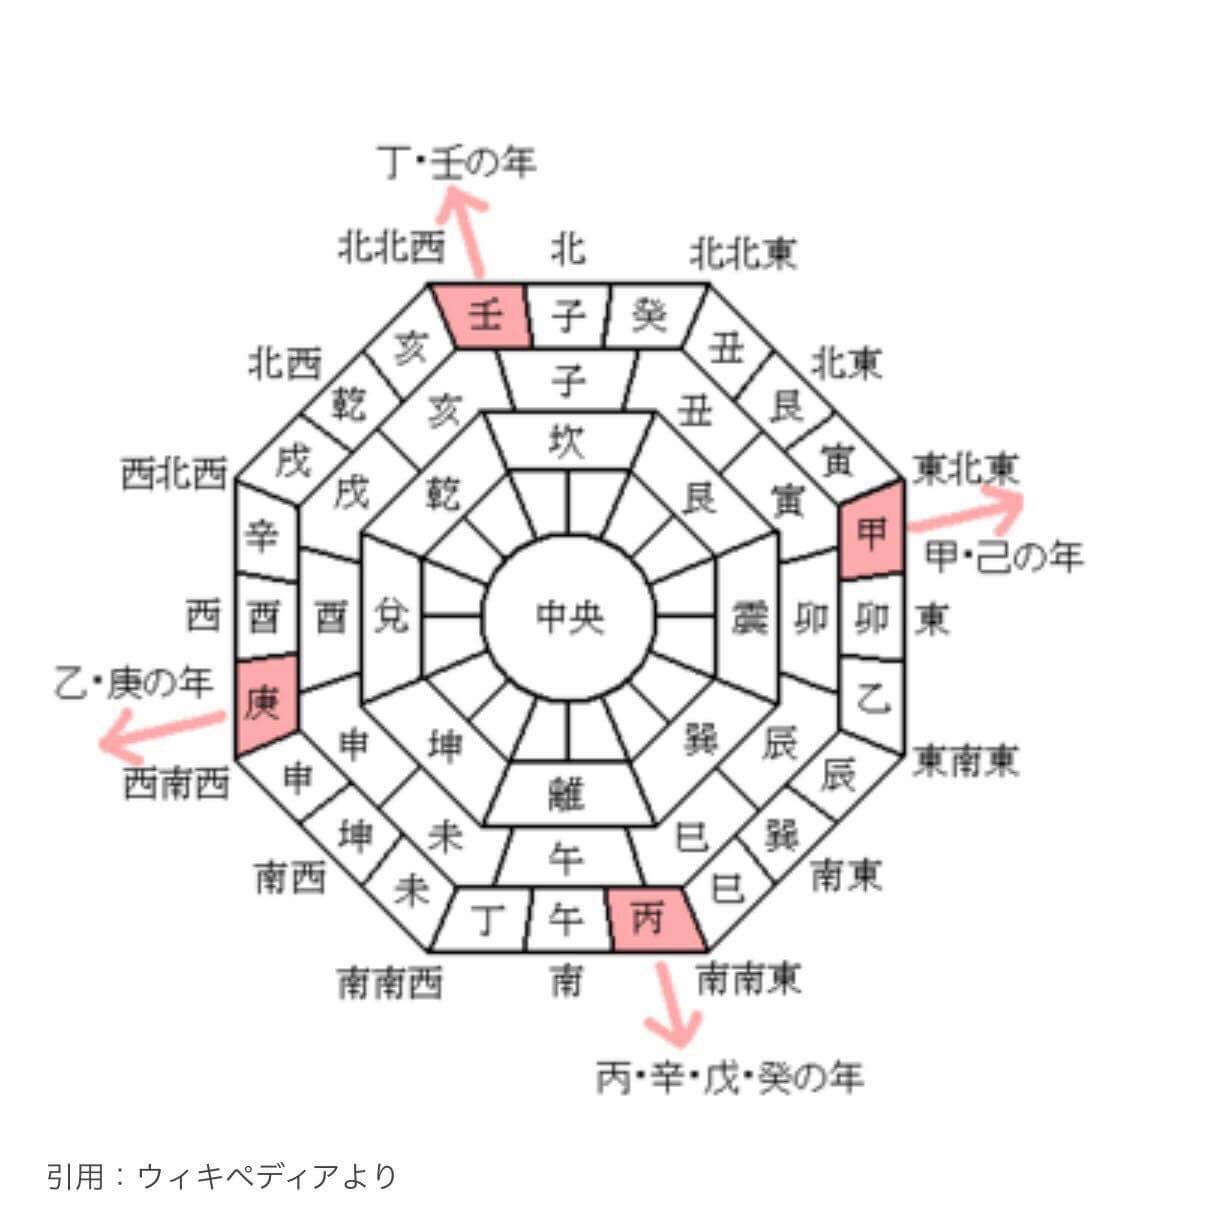 546123C4-DDA0-4344-B795-A4EEAFDCFCA9